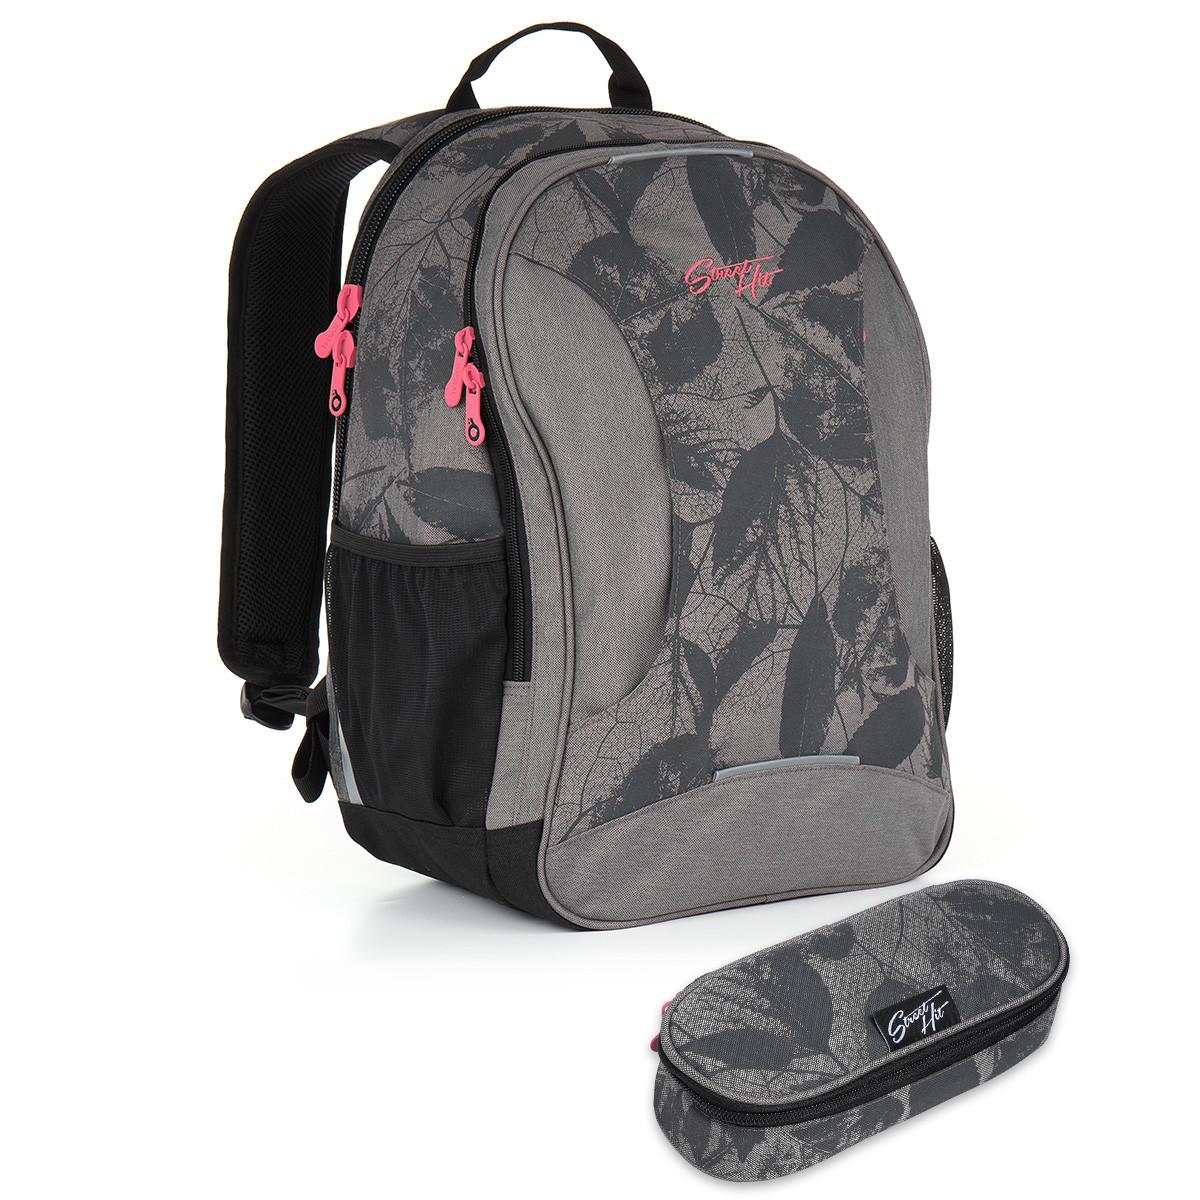 Studentský batoh a penál Topgal - HIT 892 C + HIT 906  223ff73d72